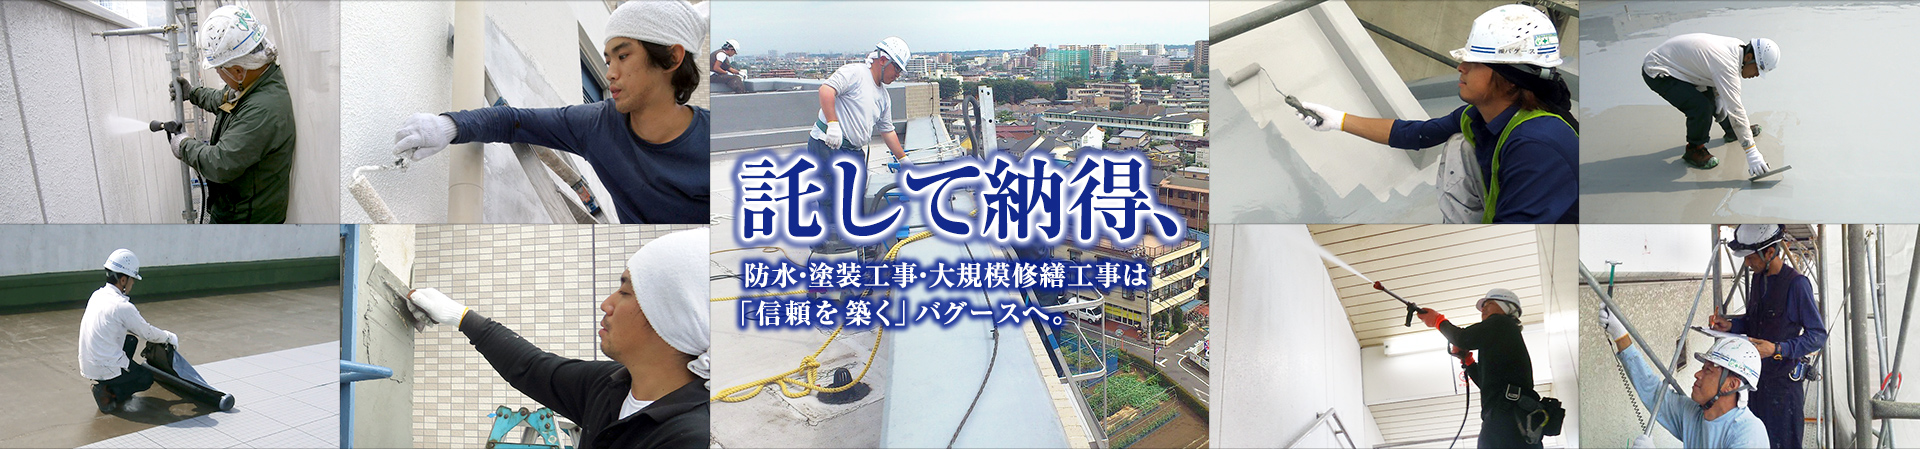 託して納得、防水・塗装工事・大規模修繕工事は「信頼を築く」バグースへ。